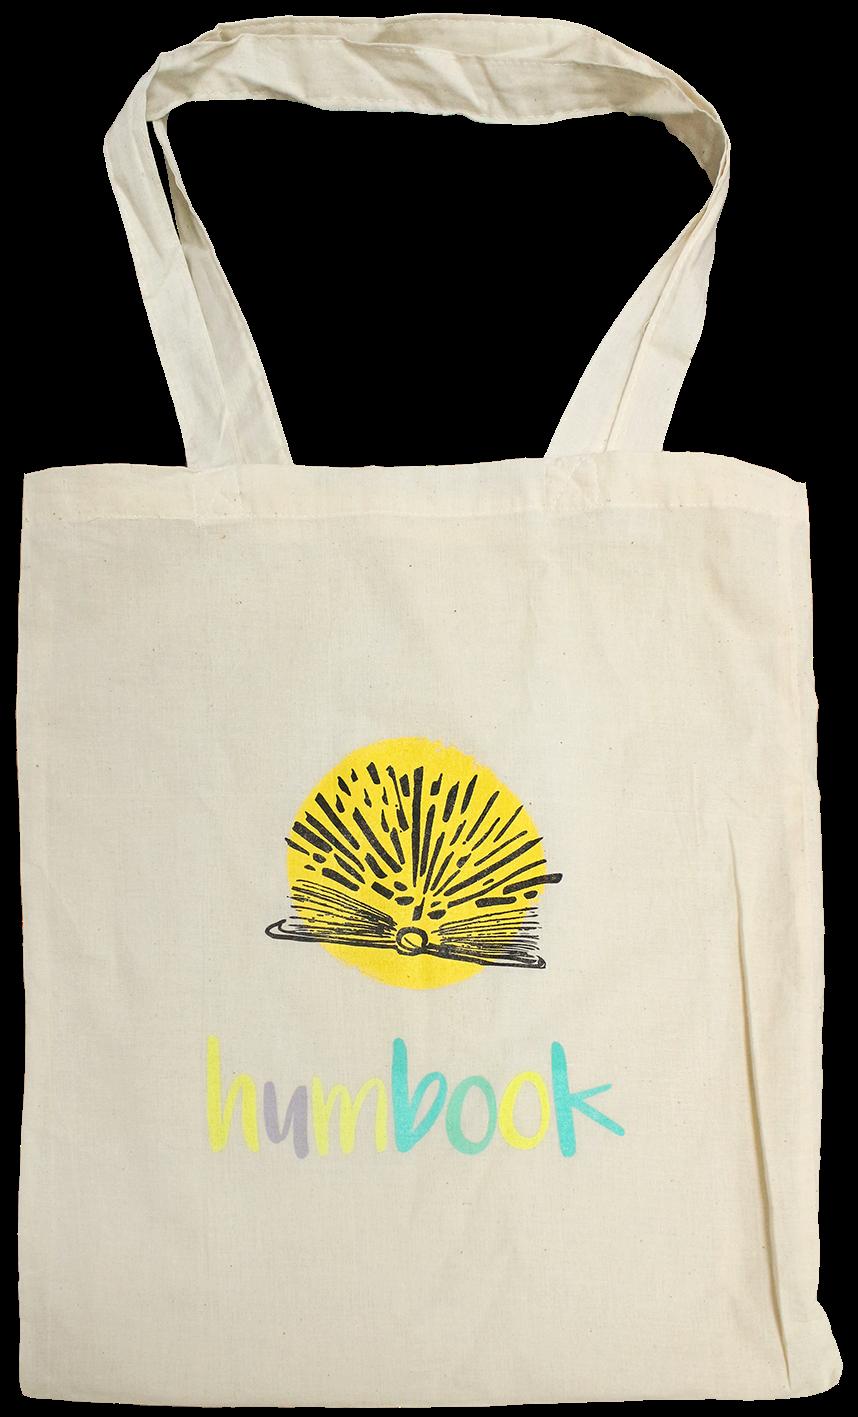 Humbook 2017 - plátěná taška  